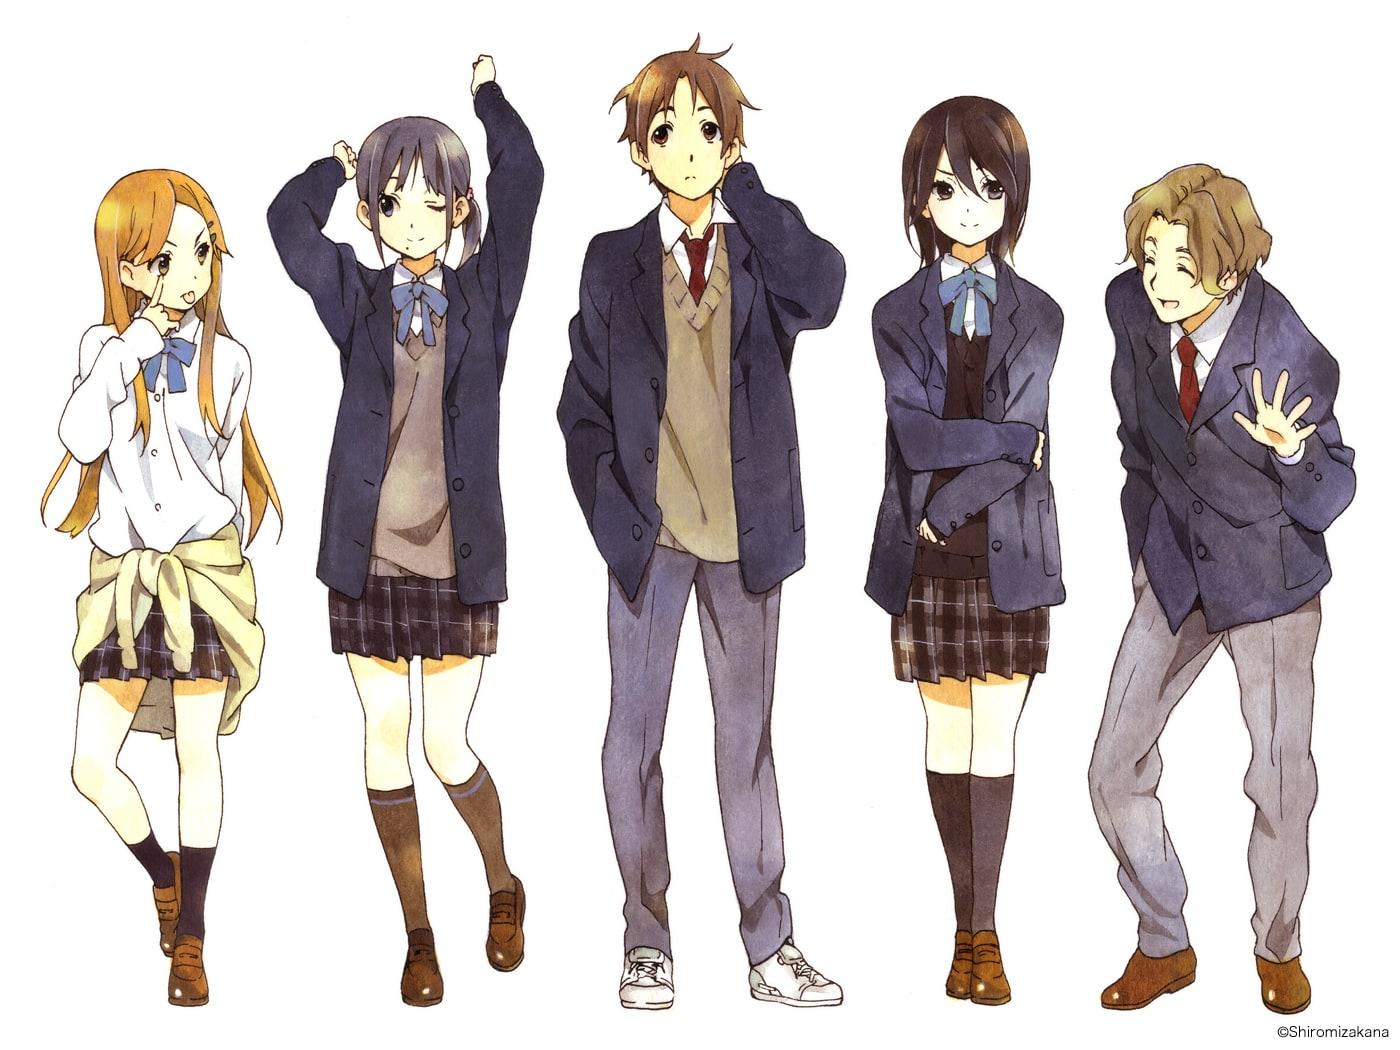 アニメ大好き高校生によるアニメブログ